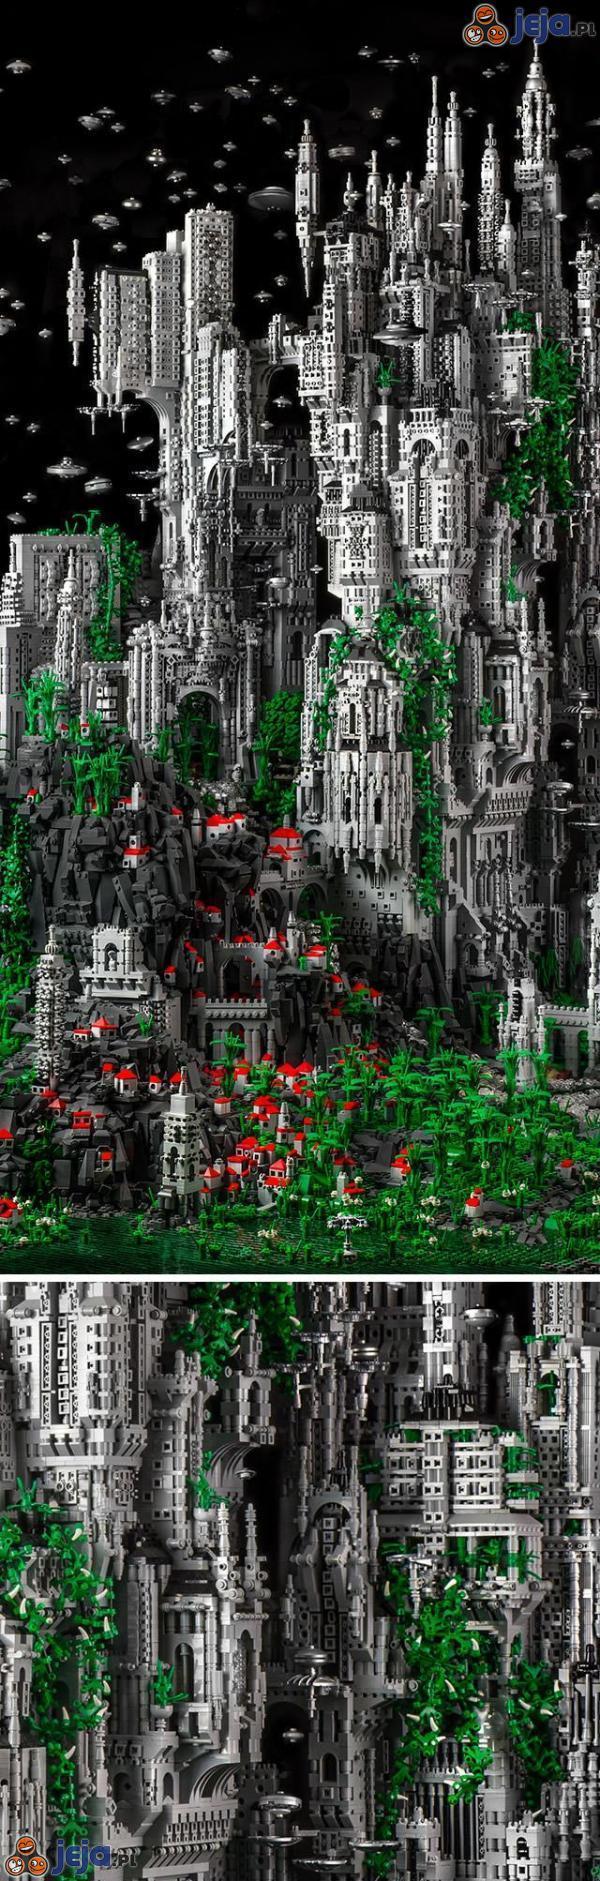 Konstrukcje z Lego - poziom boski